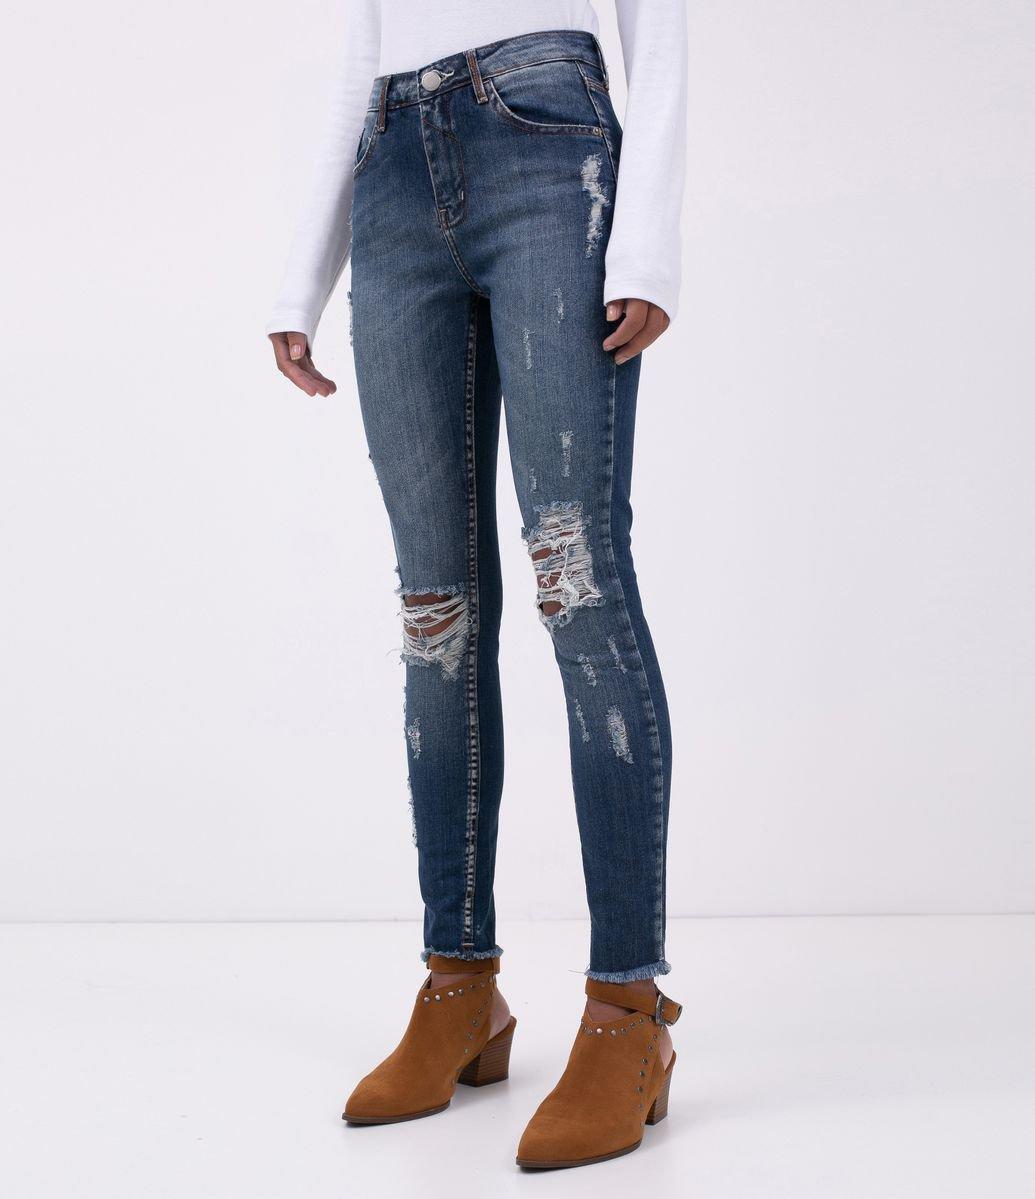 50bbb998a ... Calca Jeans Skinny com Puídos. Brinde